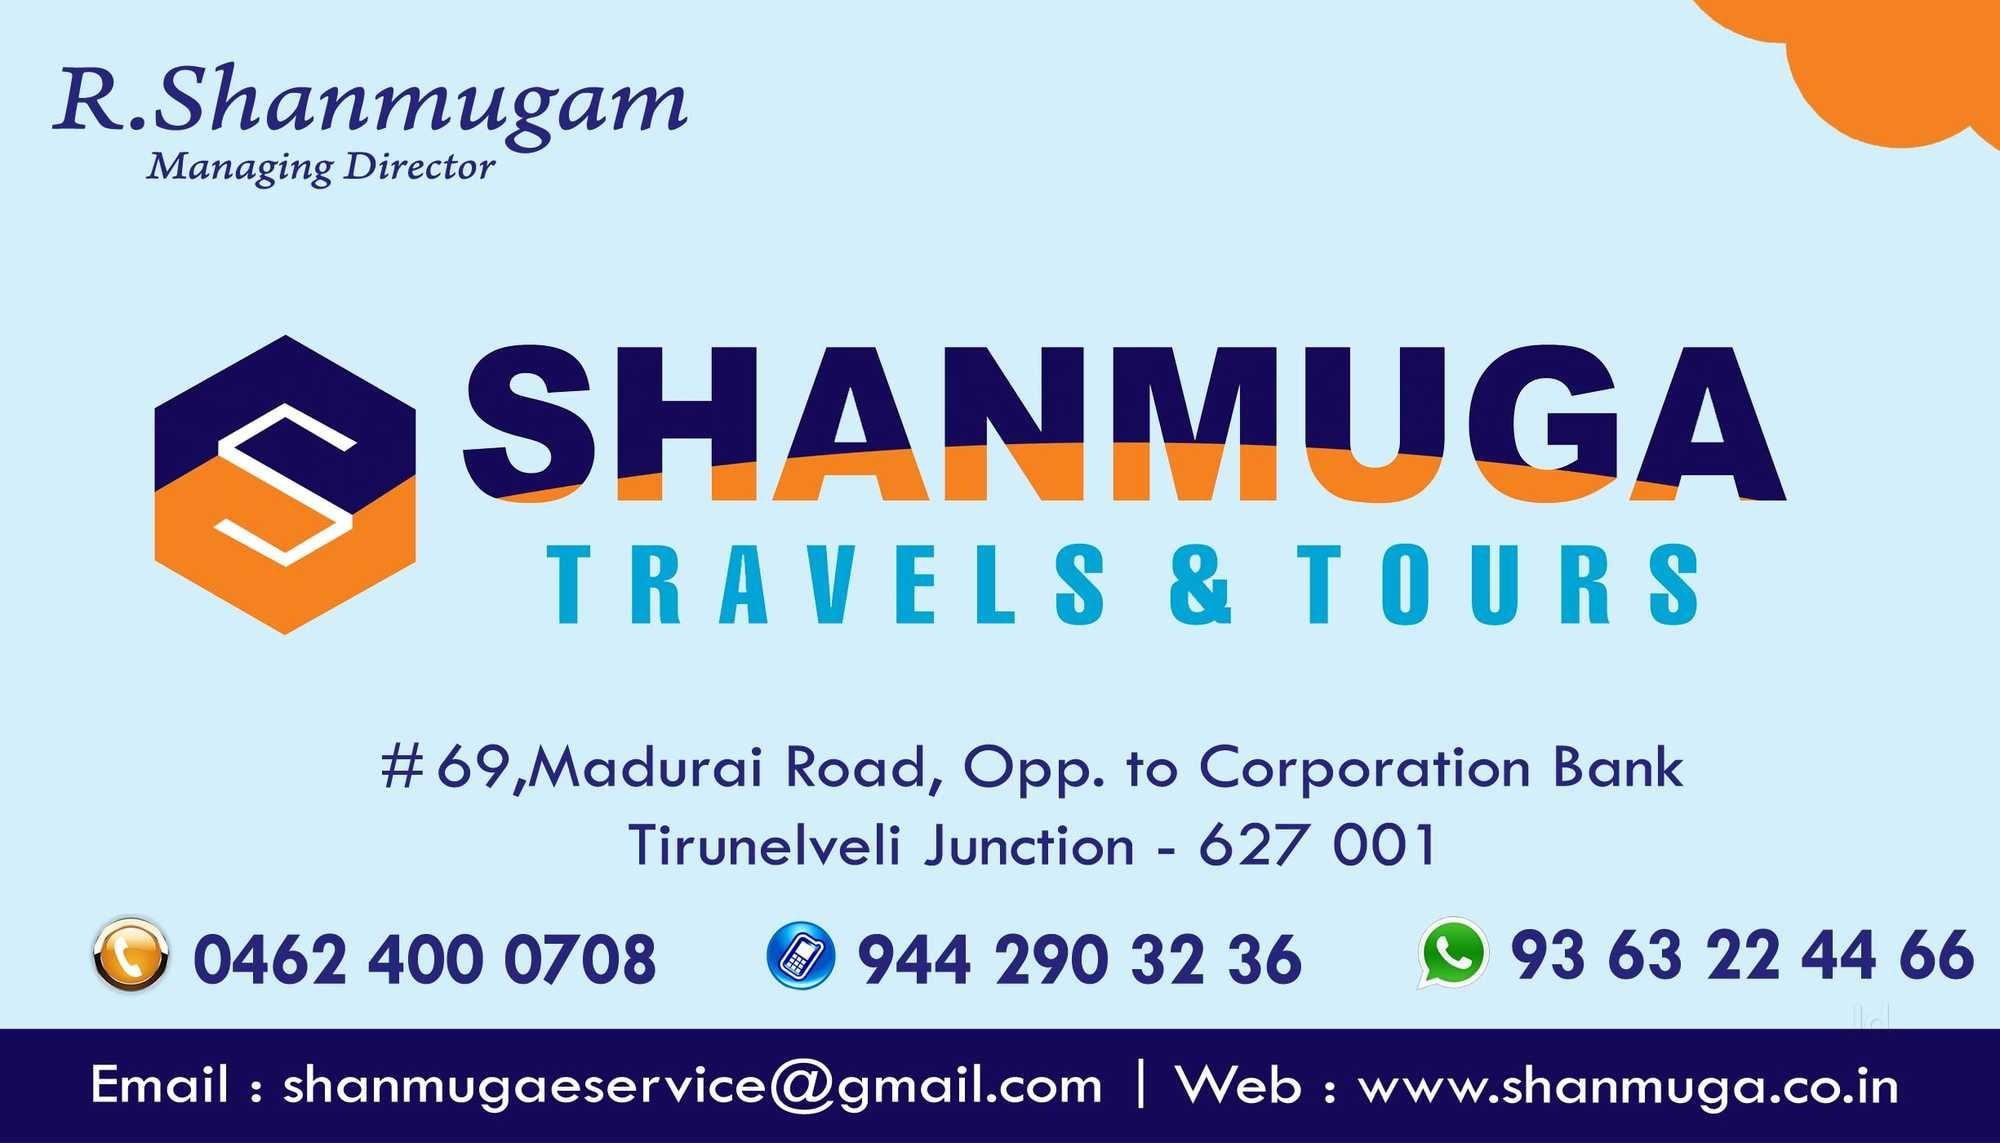 Top 10 Taxi Services in Tirunelveli Junction,Tirunelveli